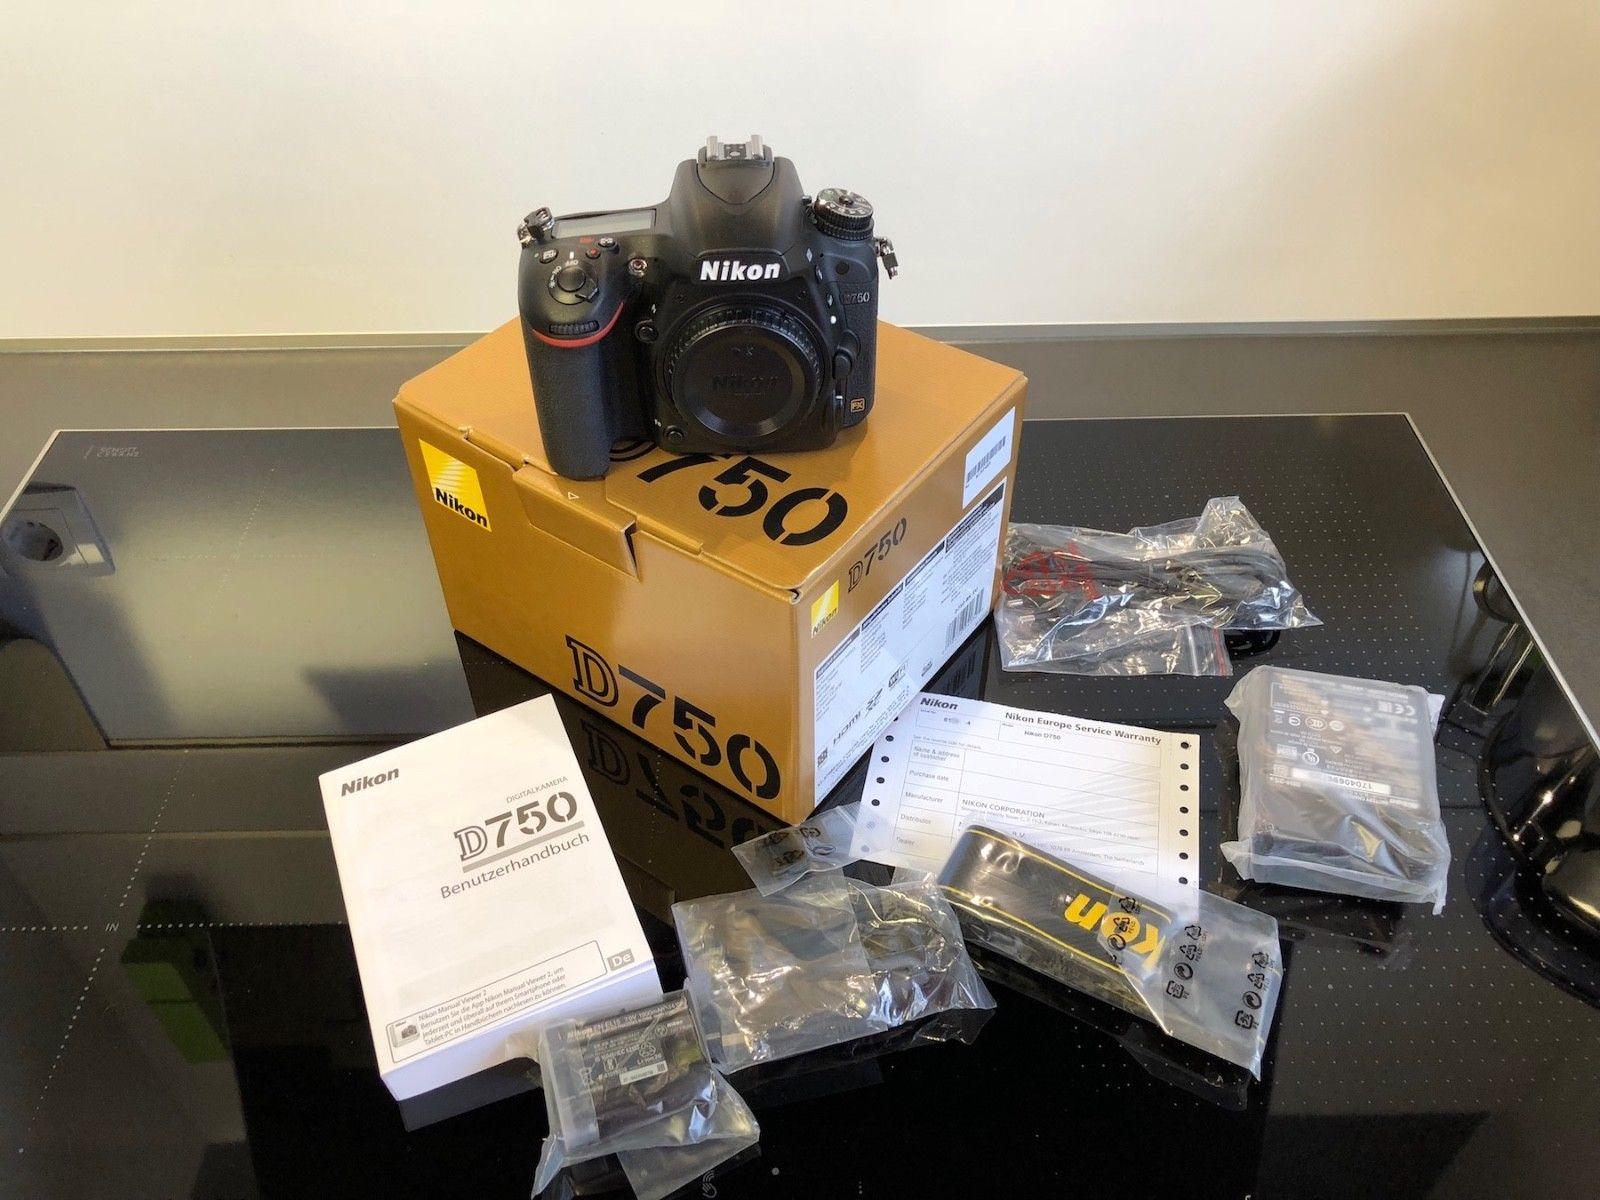 Nikon D D750 24.3 MP SLR-Digitalkamera - Schwarz (Nur Gehäuse) nur 3 Monate alt